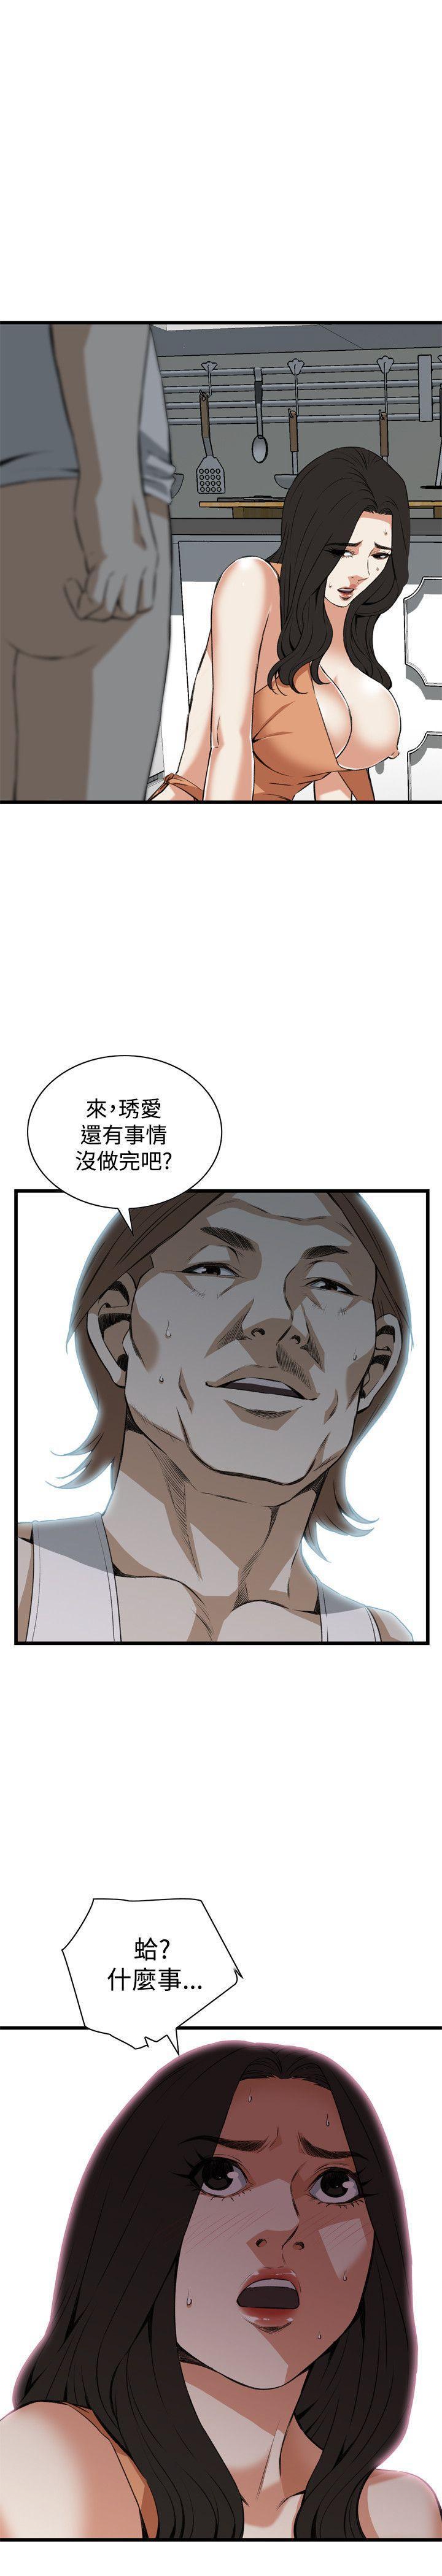 偷窥72-93 Chinese Rsiky 330